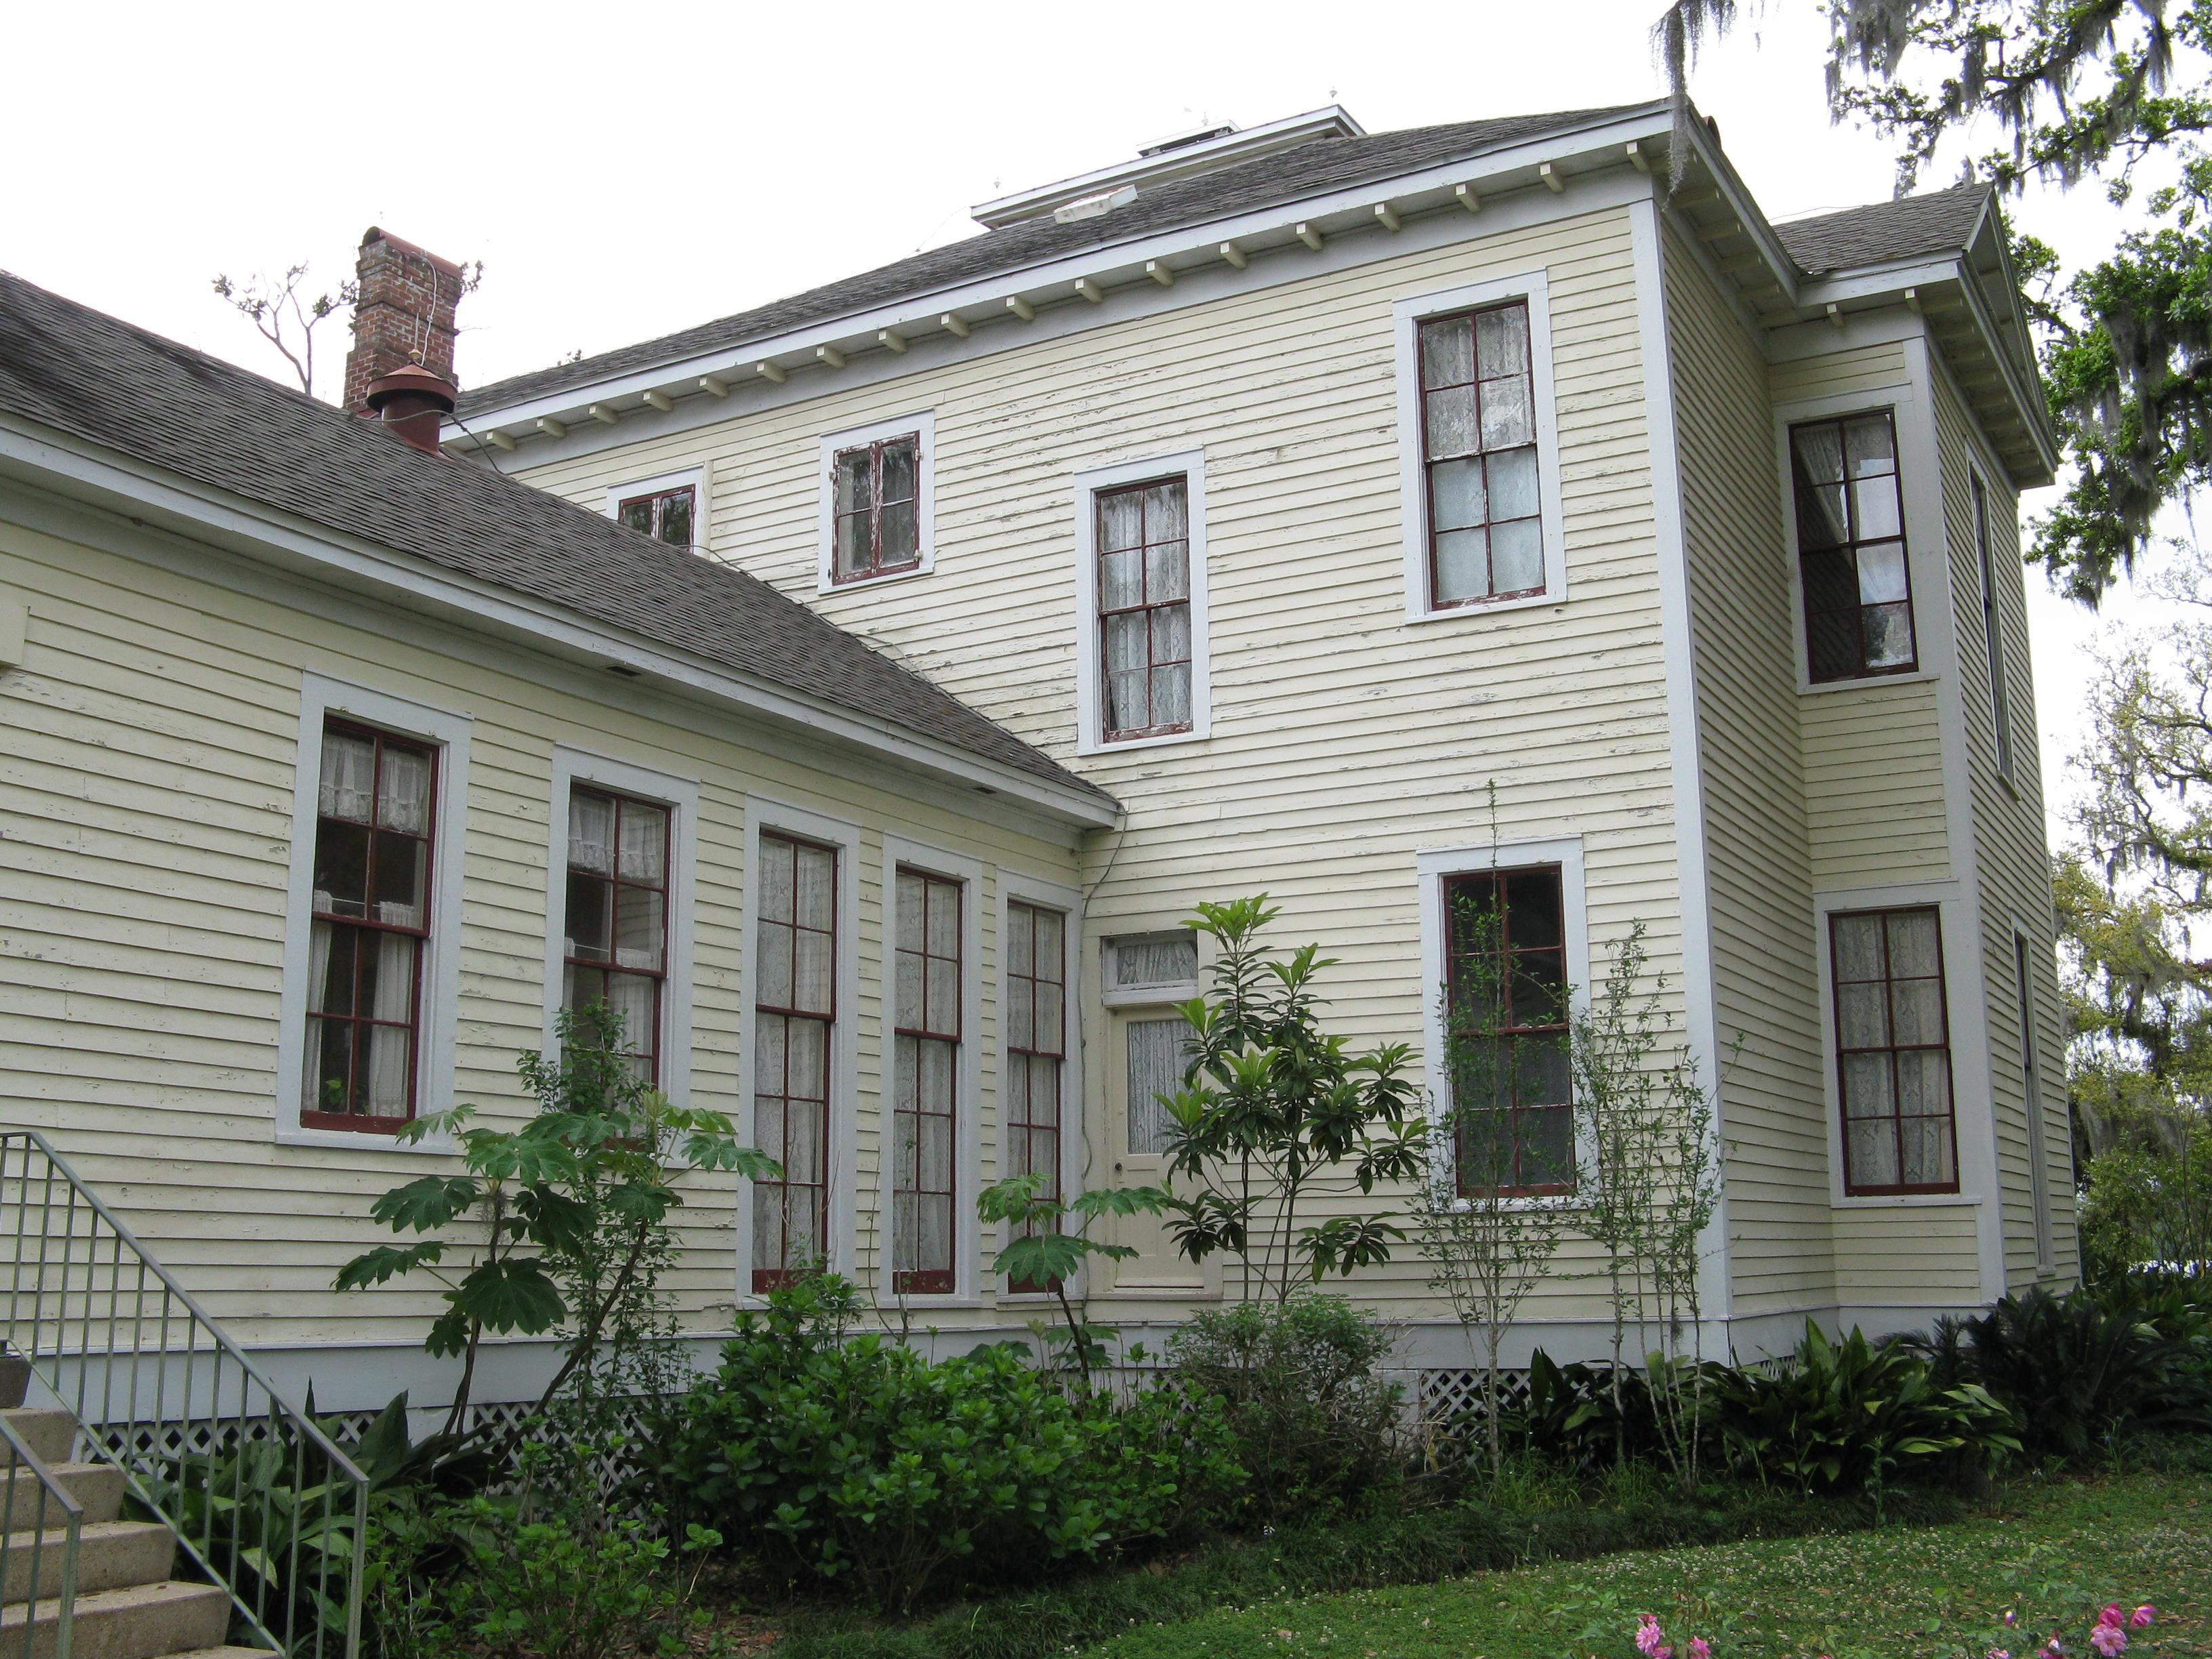 File:Fairview-Riverside State Park, Otis House Madisonville jpg